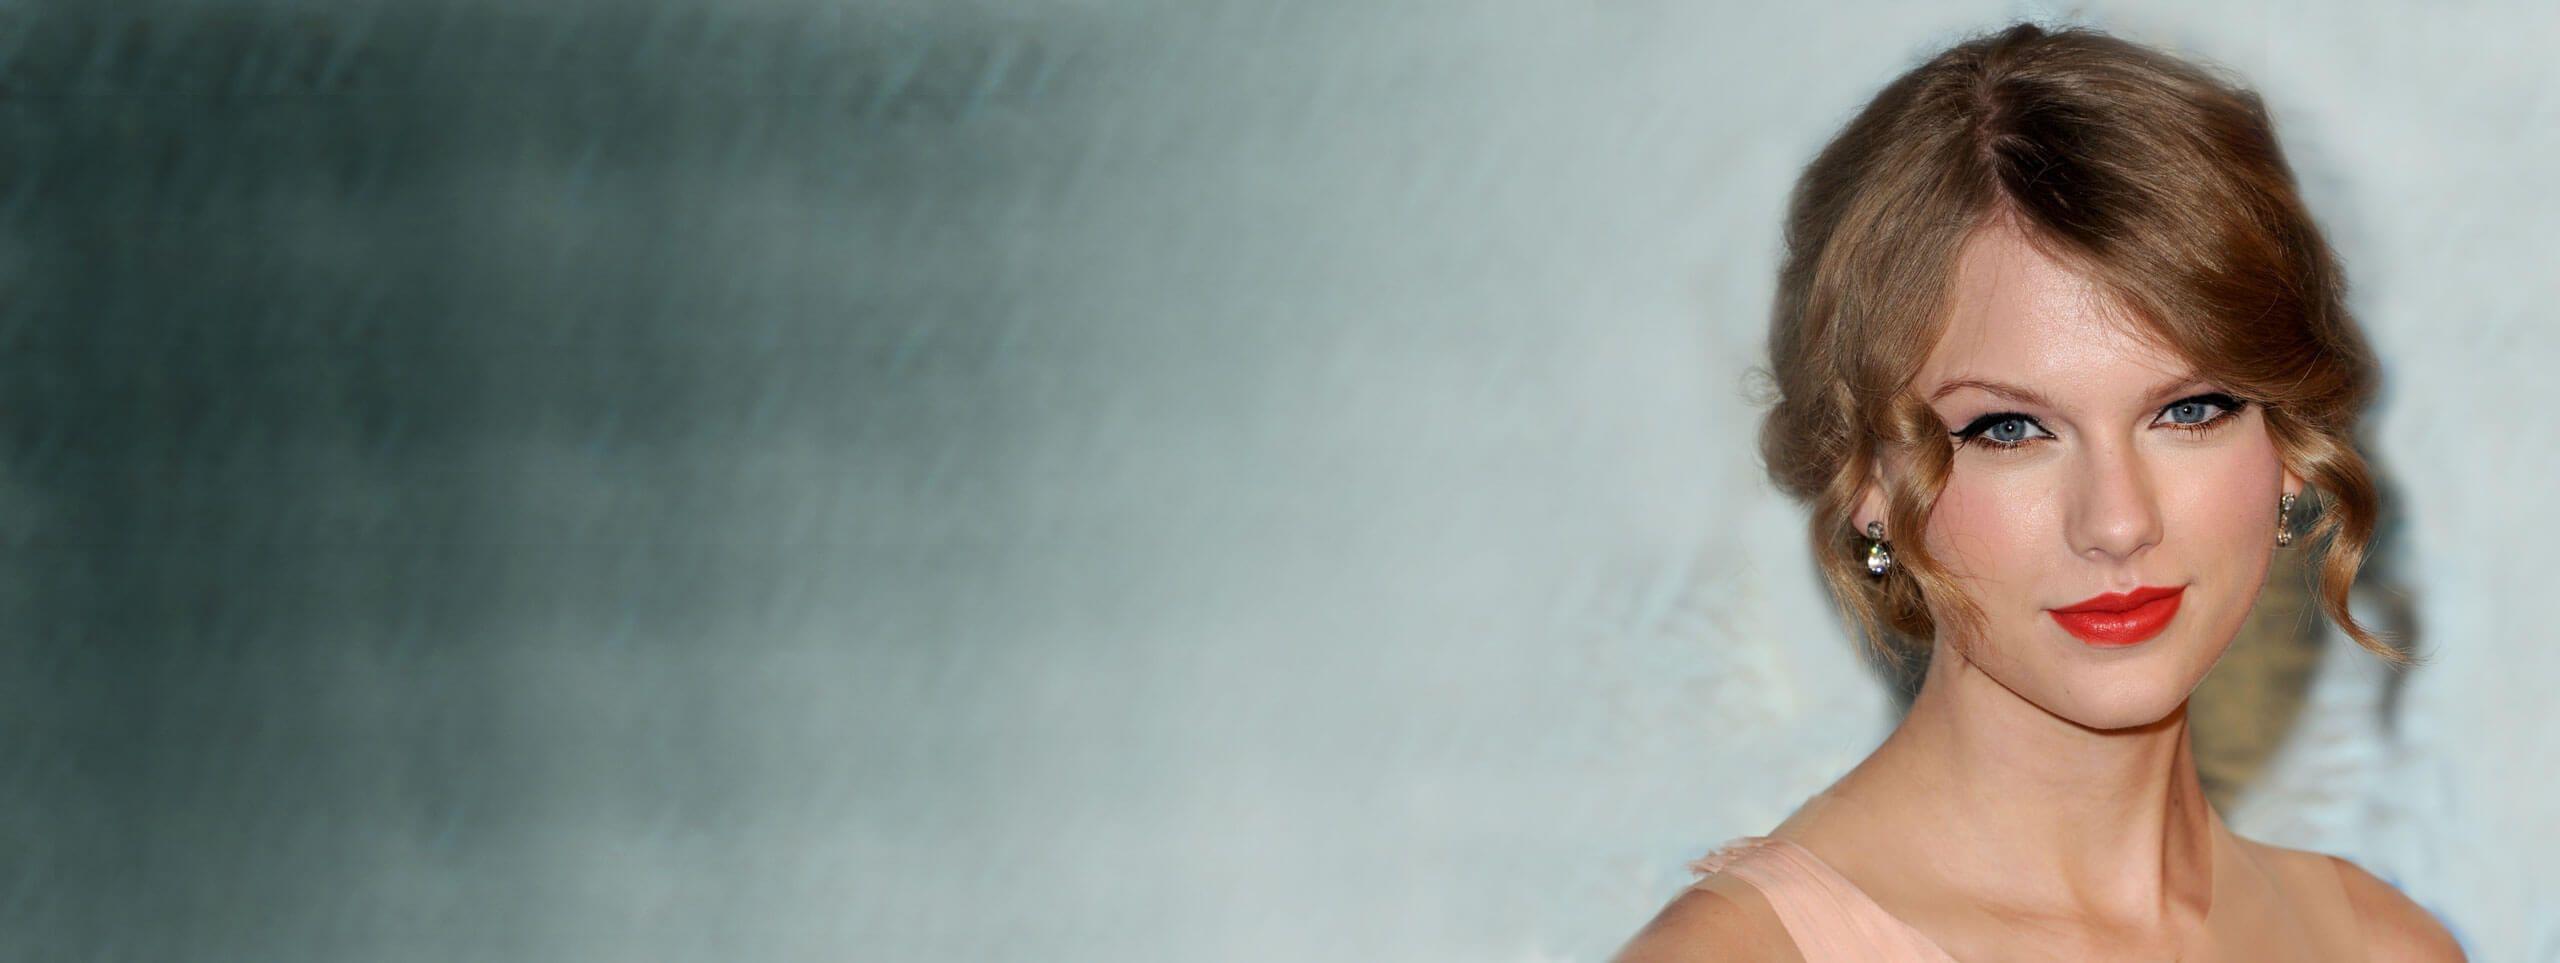 Taylor Swift z włosami upiętymi z tyłu i z lokami wokół twarzy